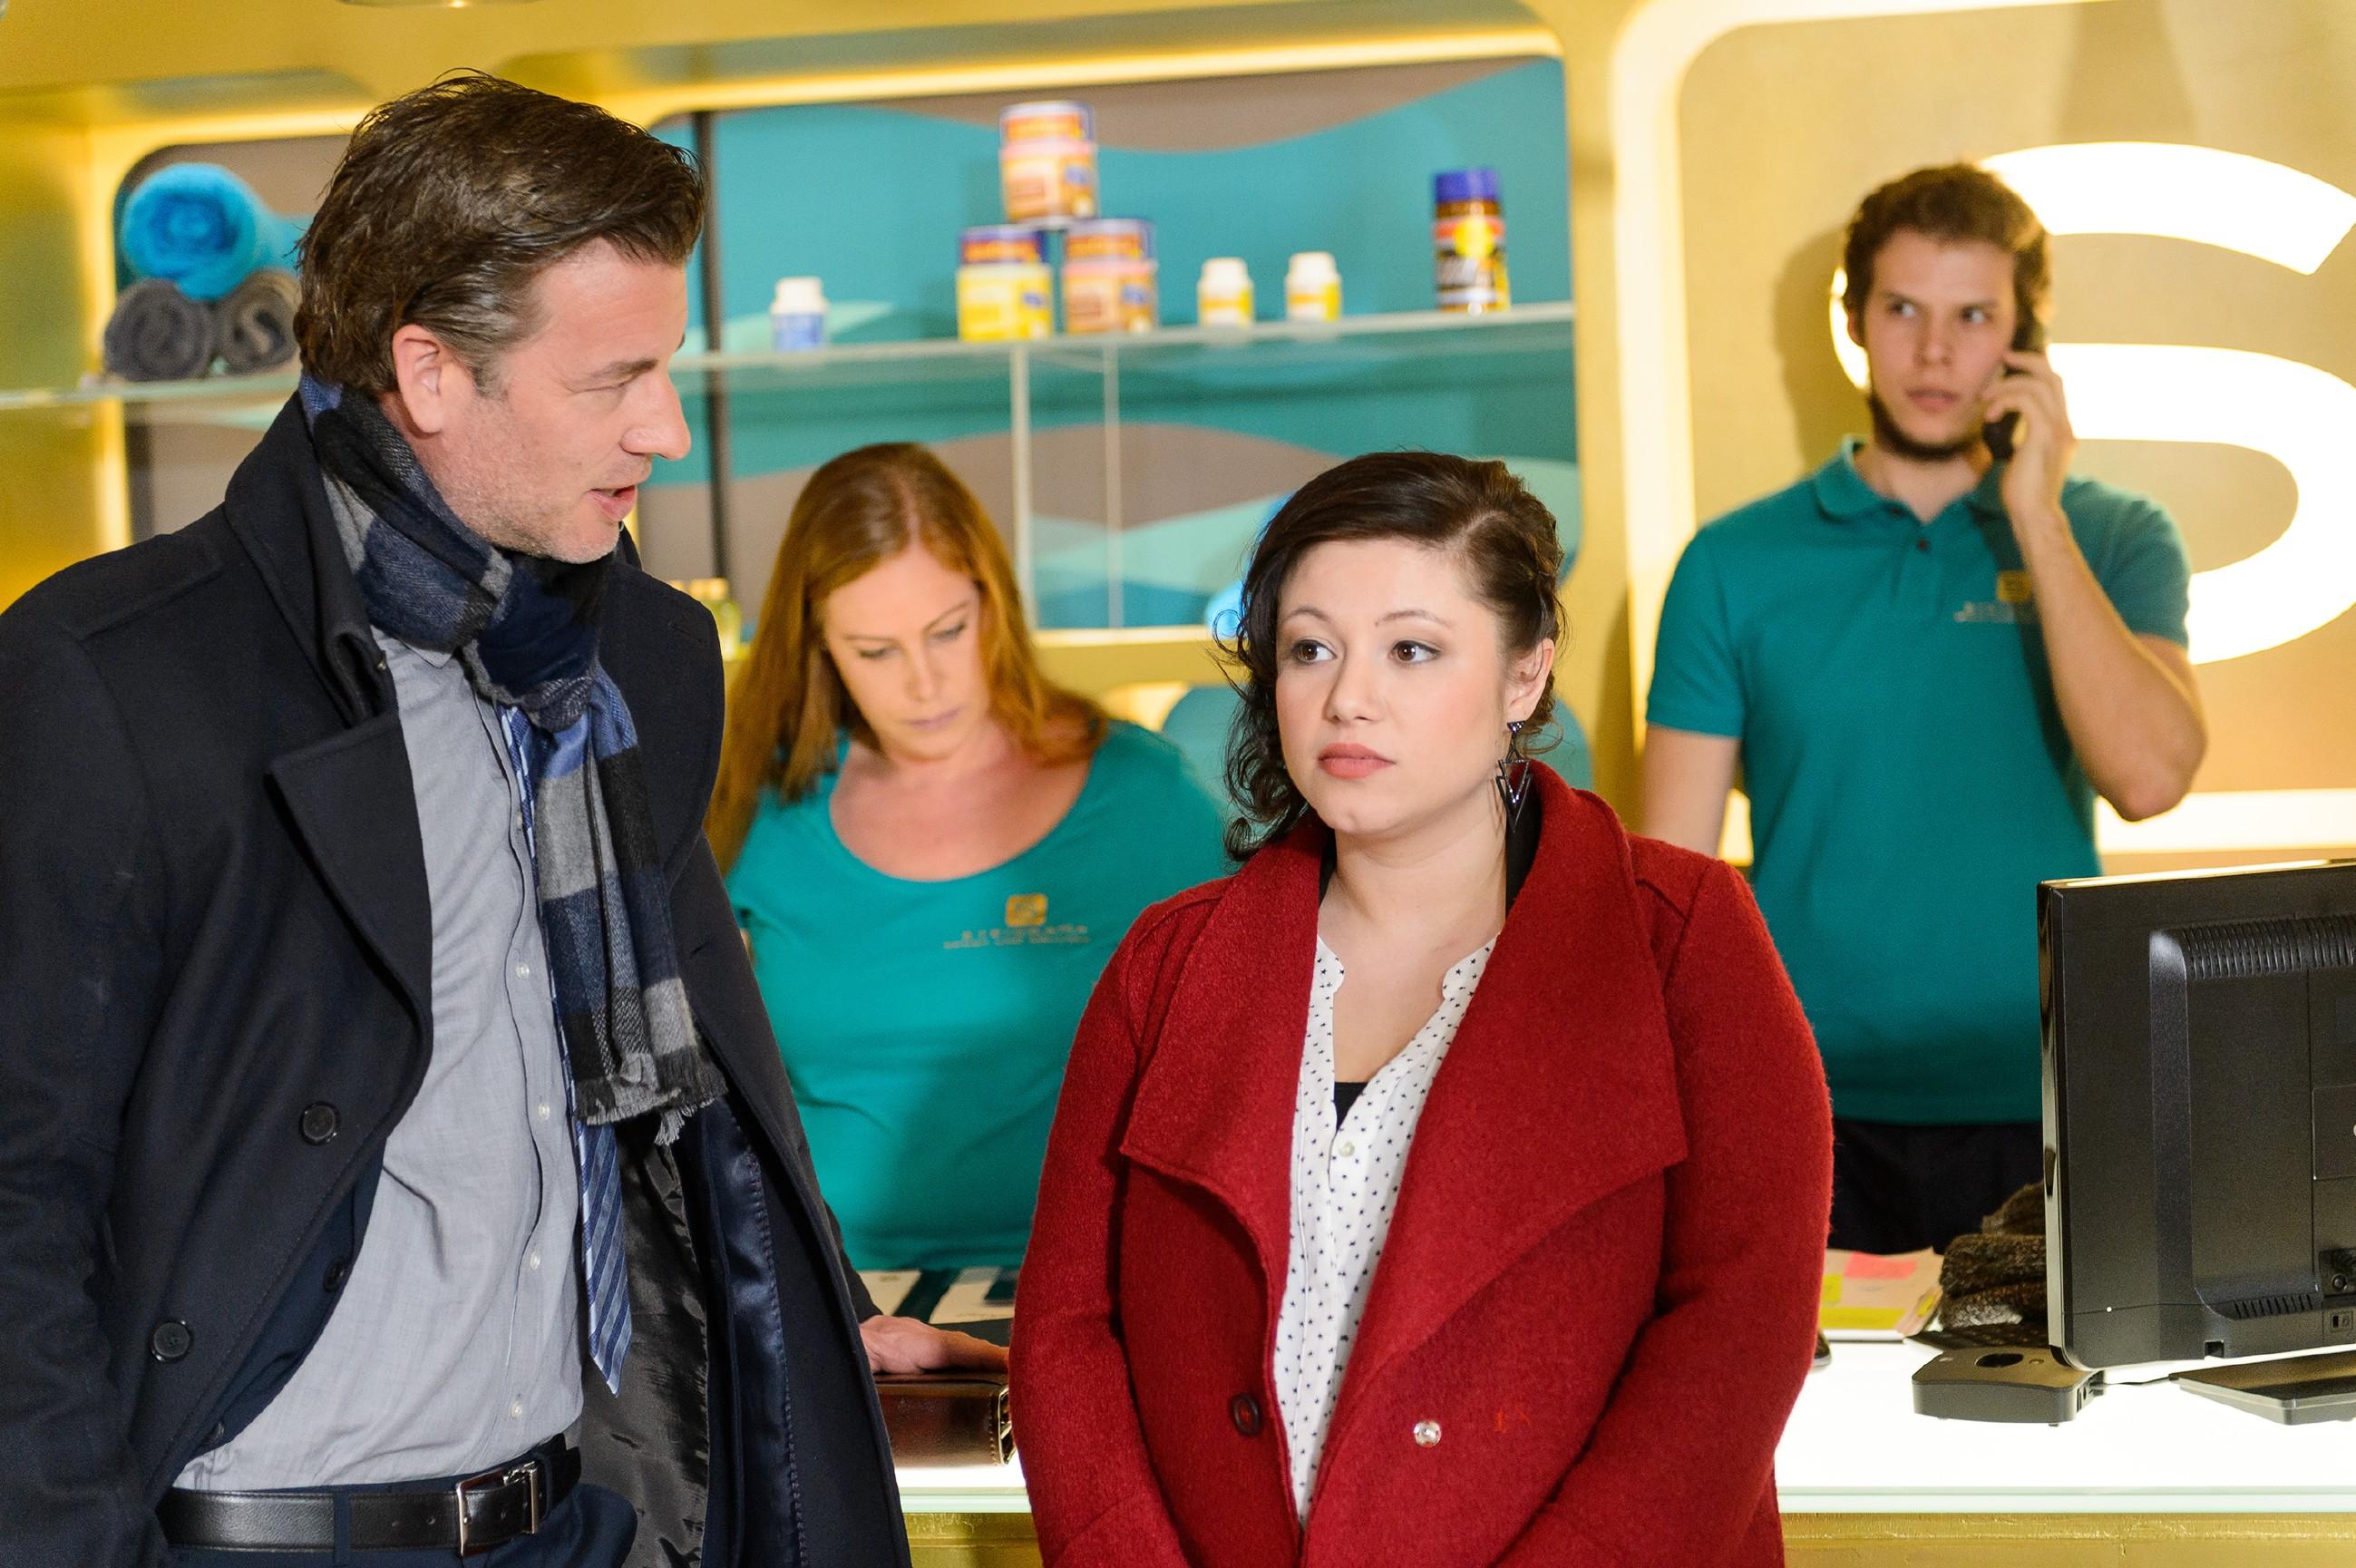 Vanessa (Julia Augustin, 2.v.r.) kommt langsam auf eine Idee, wie sich das Problem mit Christoph (Lars Korten, l.) und Anne lösen lassen könnte (im Hintergrund Komparsen). (Quelle: RTL / Willi Weber)